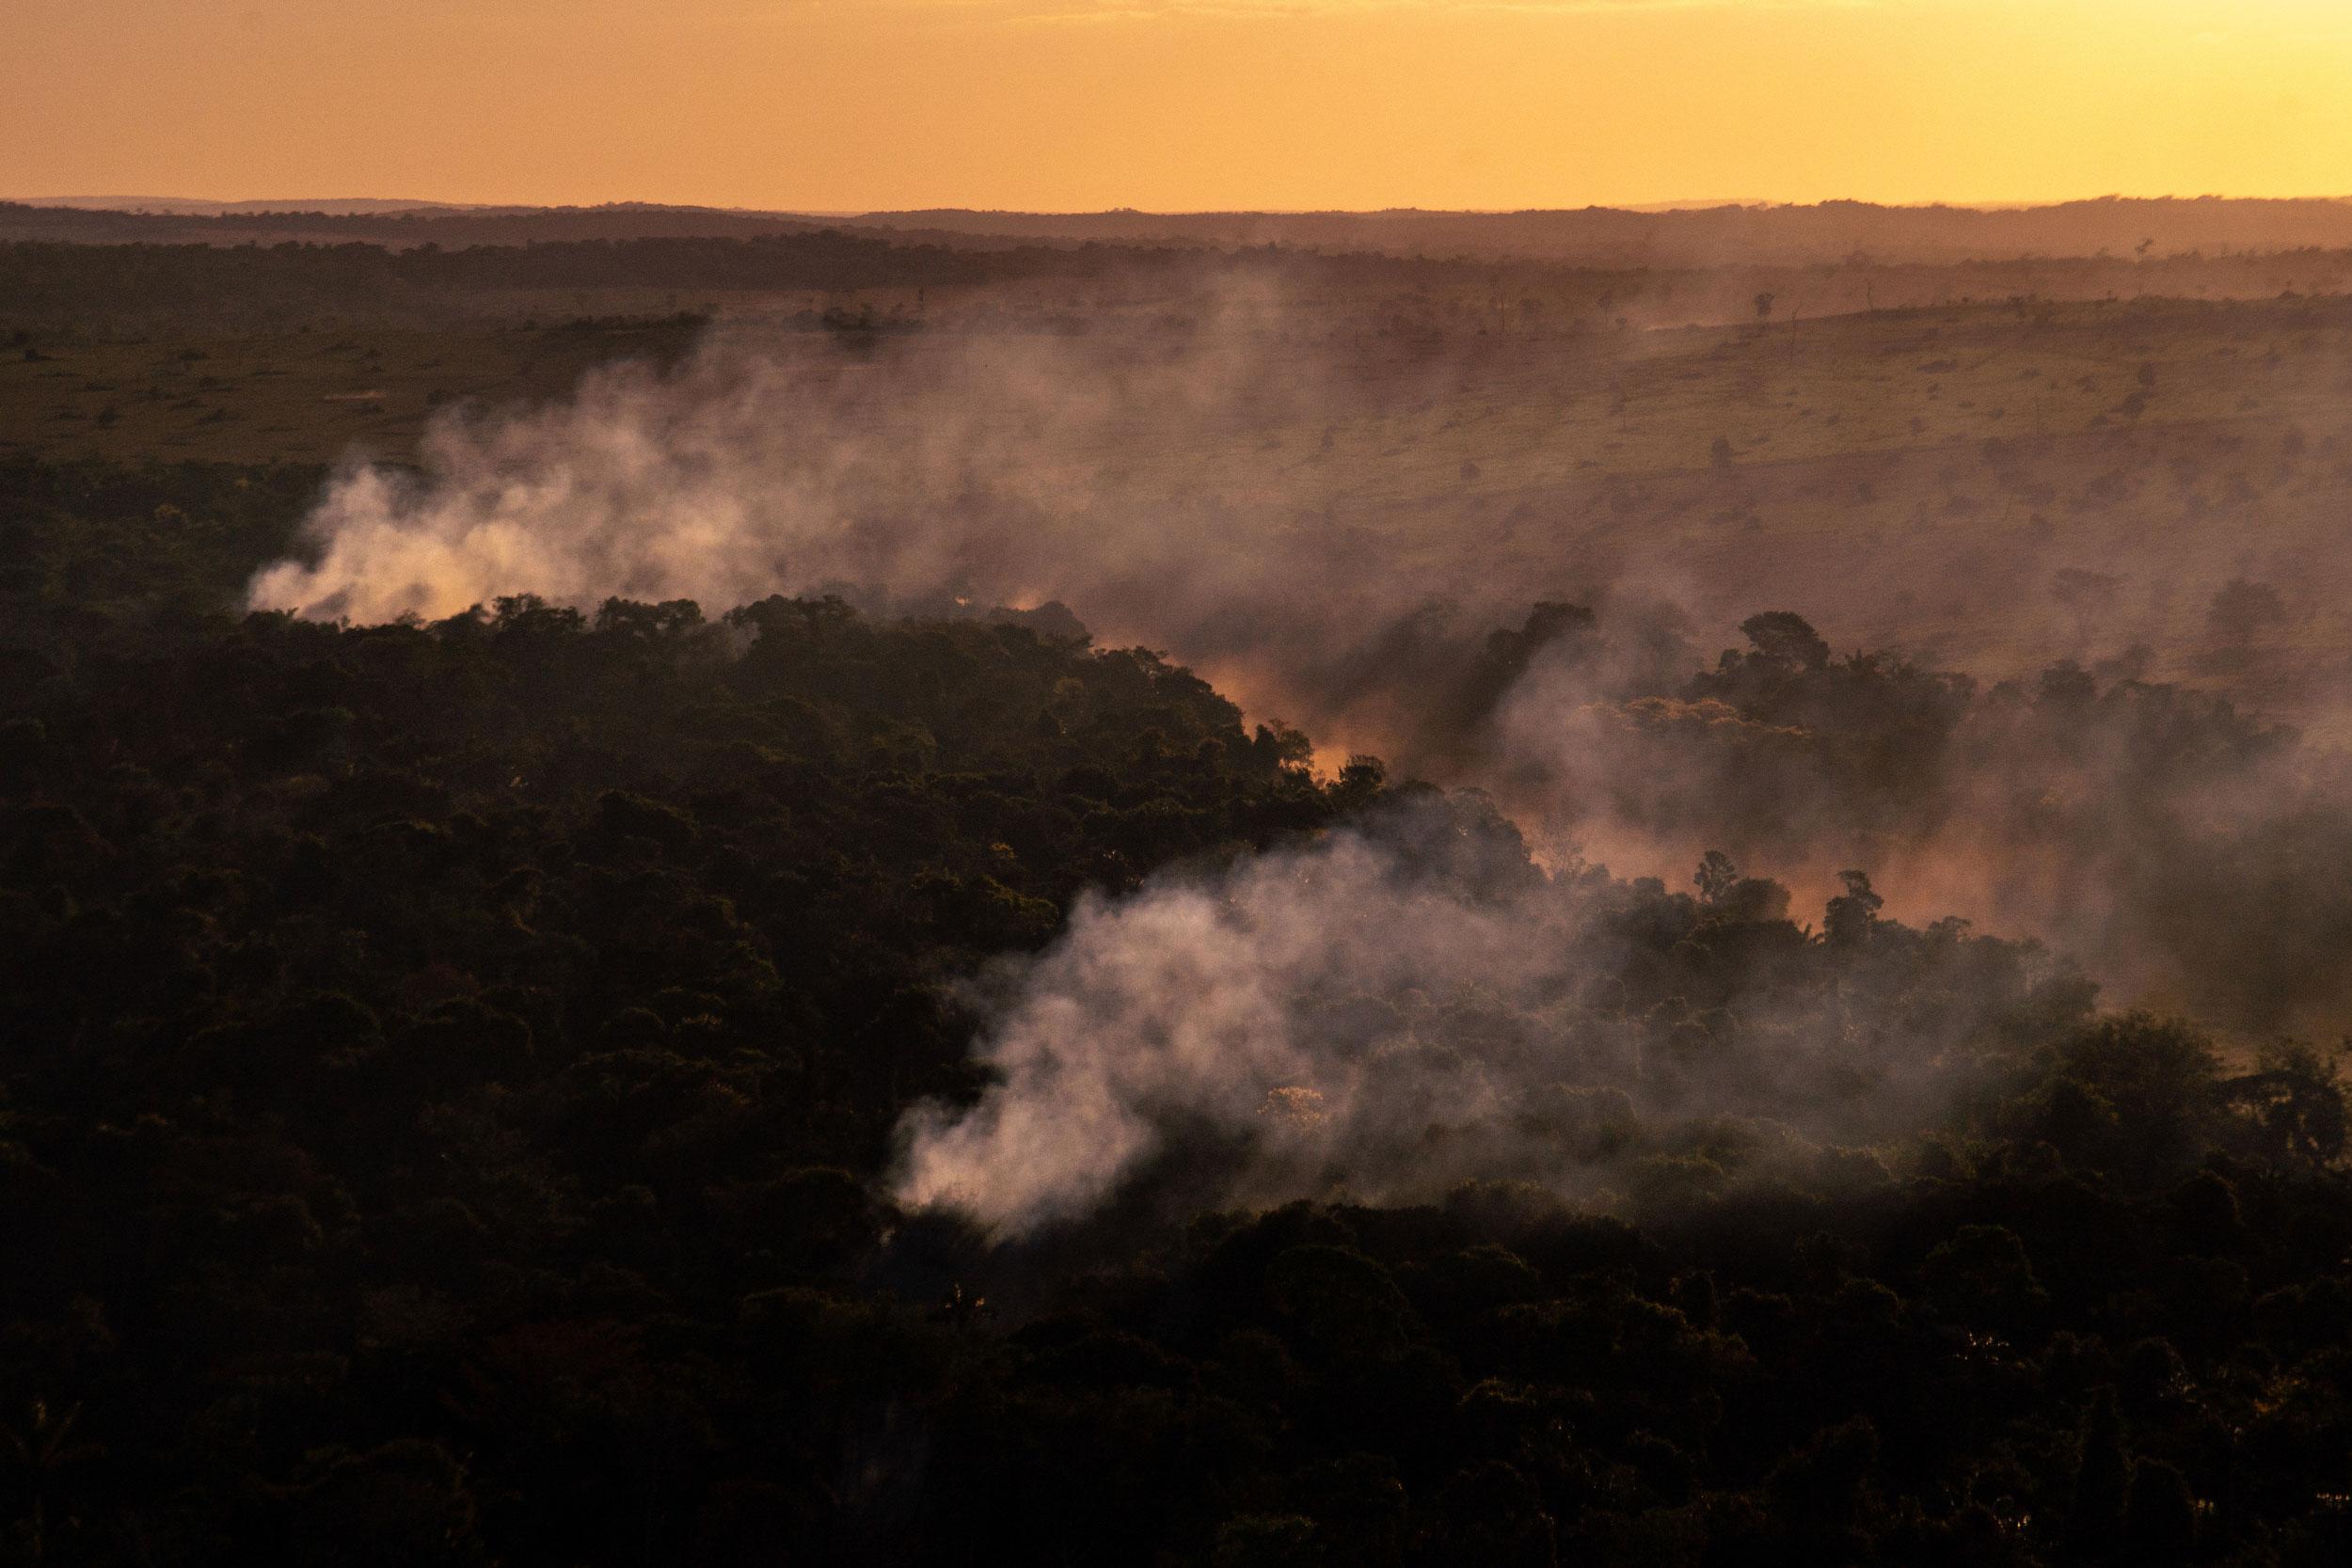 Foco de calor ao lado de área desmatada em Alta Floresta, Mato Grosso